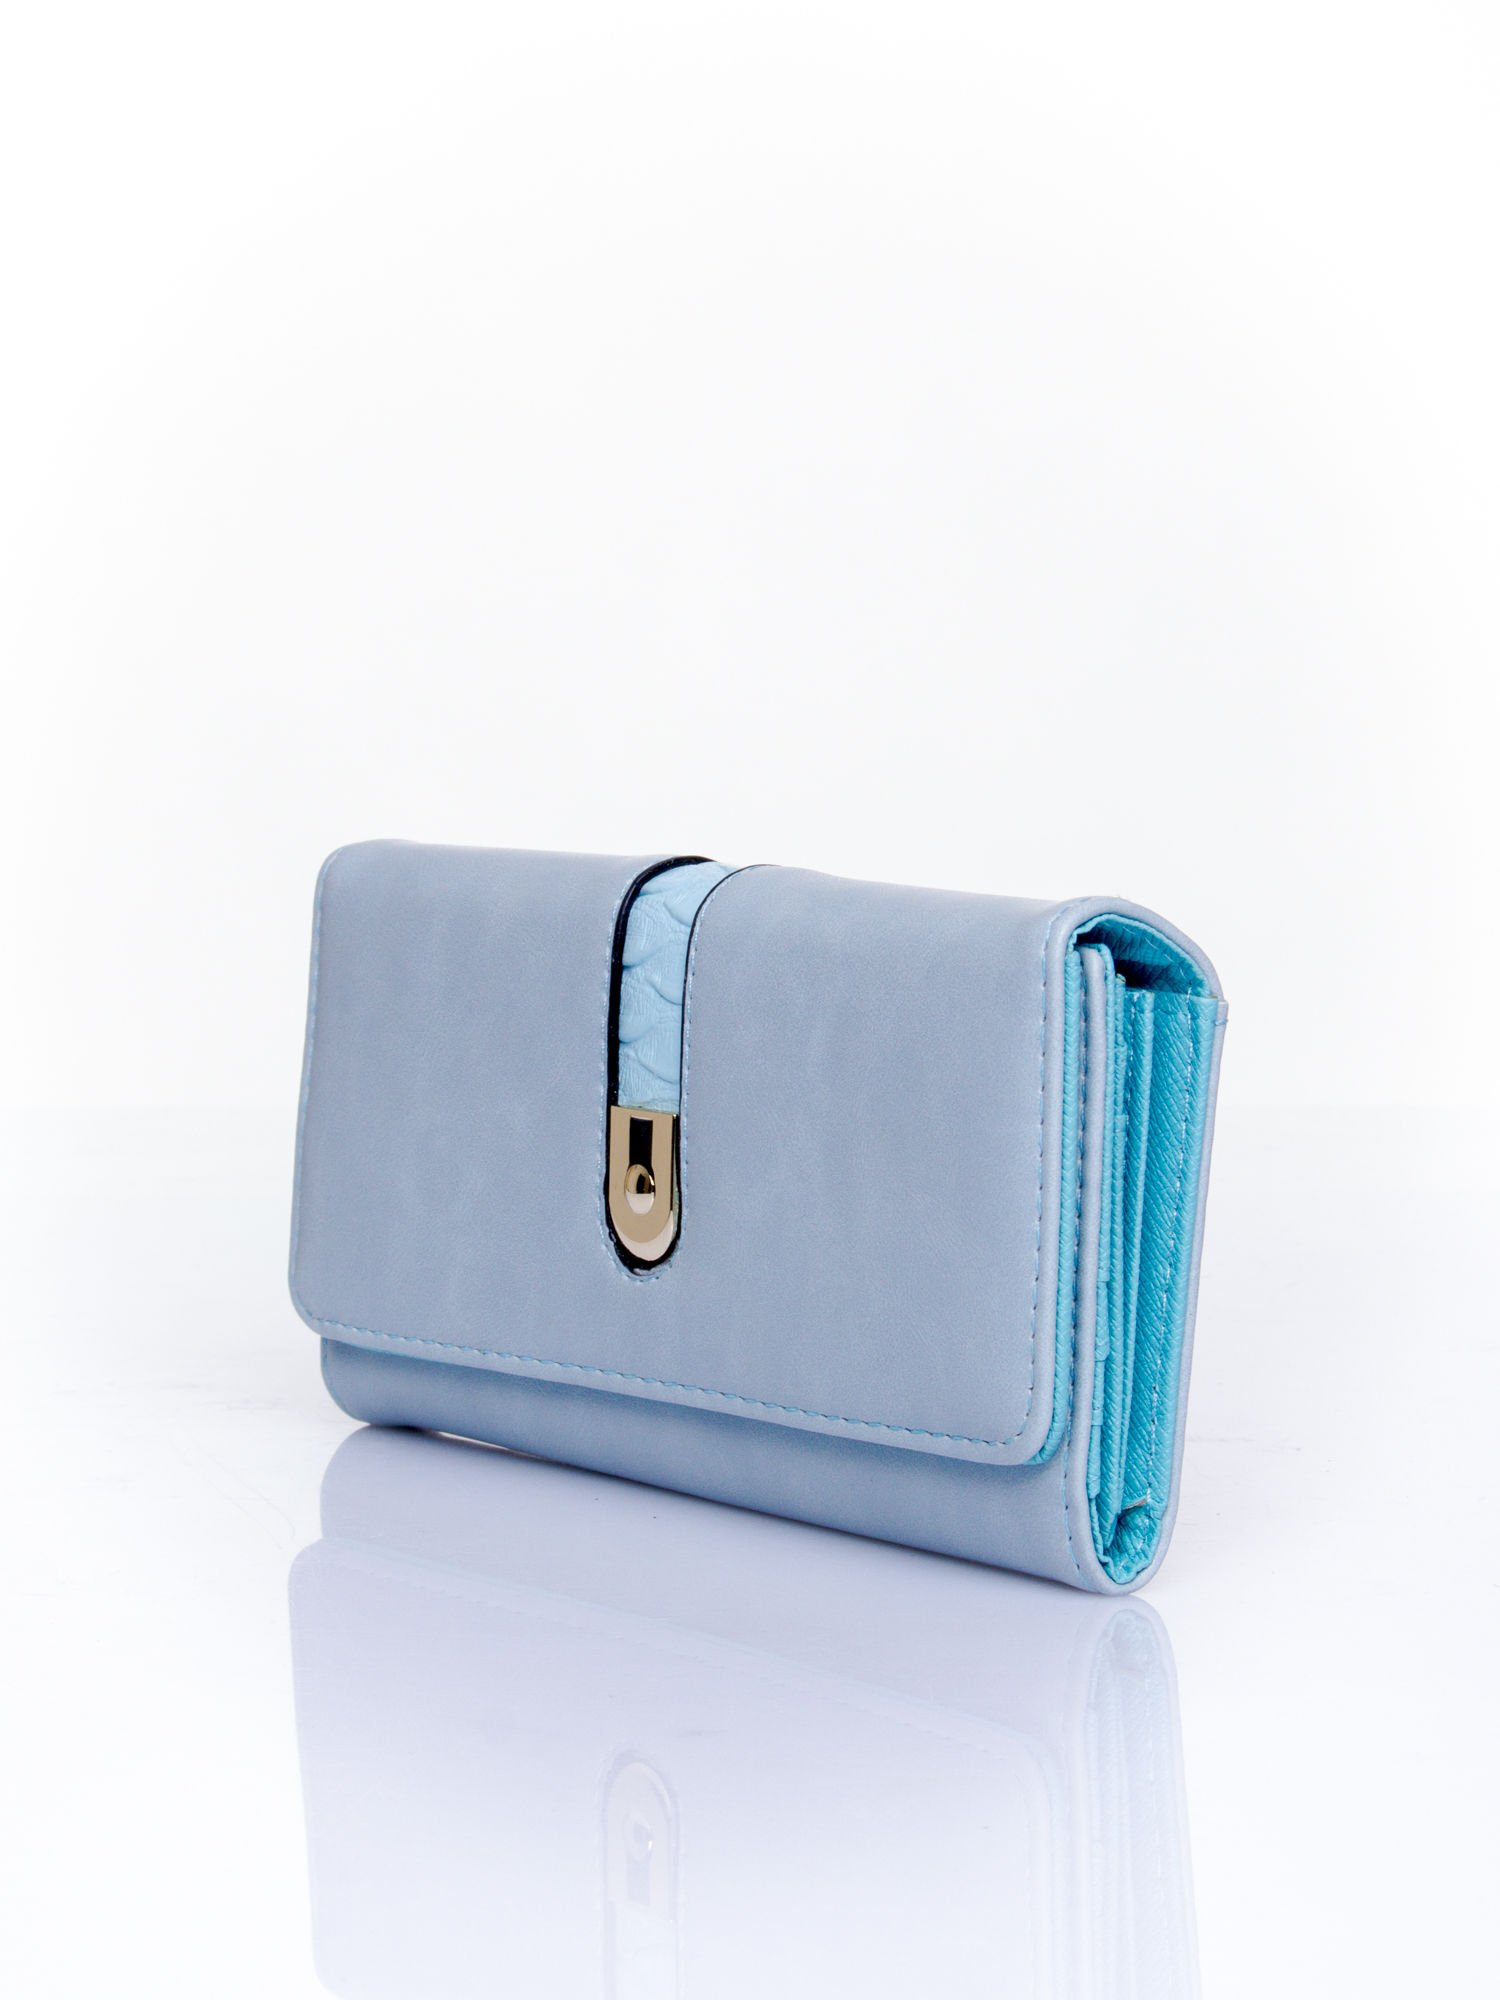 Niebieski portfel ze złotym zapięciem                                   zdj.                                  3